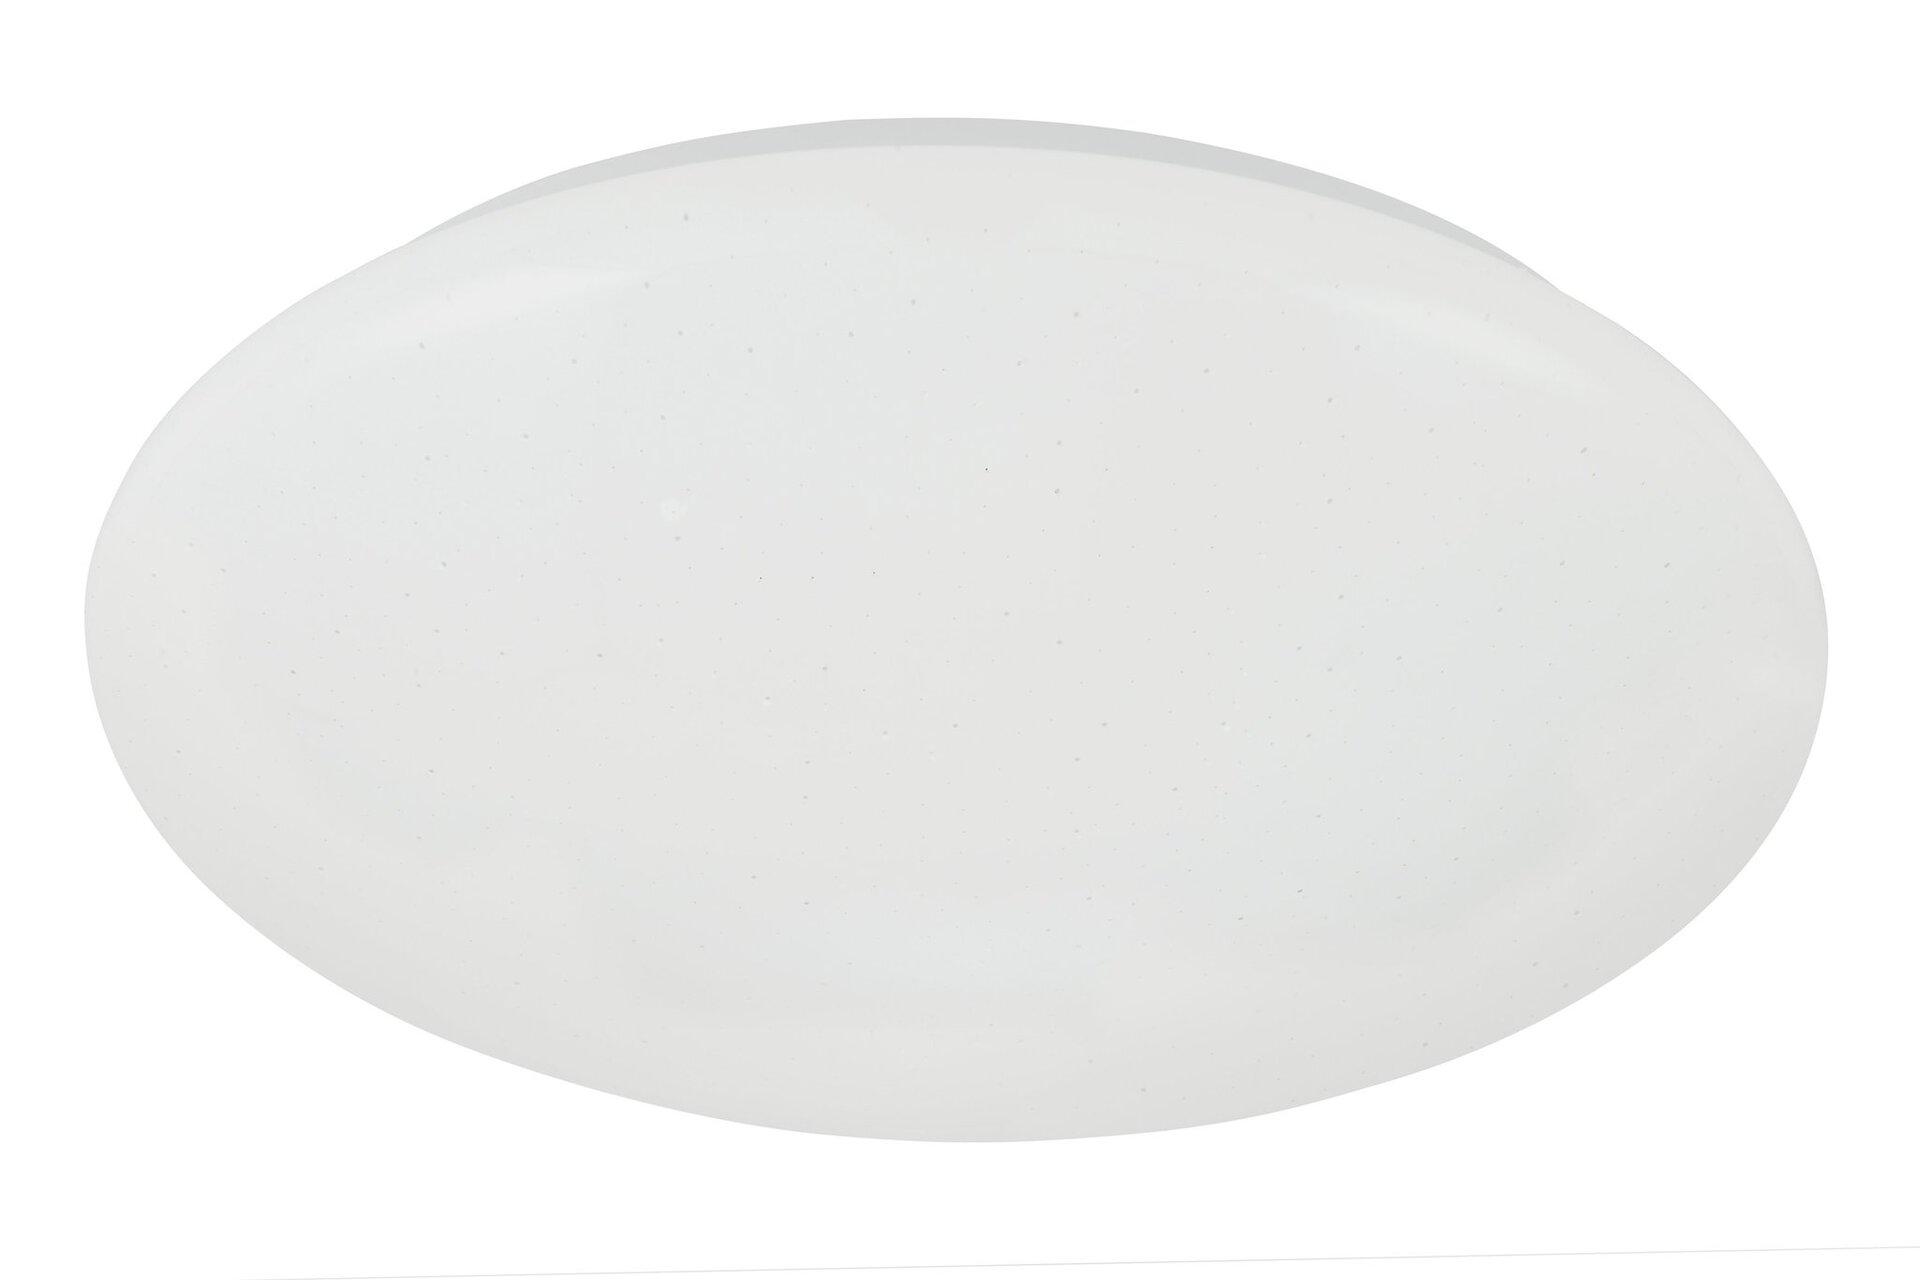 Deckenleuchte Vipe Briloner Metall weiß 38 x 7 x 38 cm